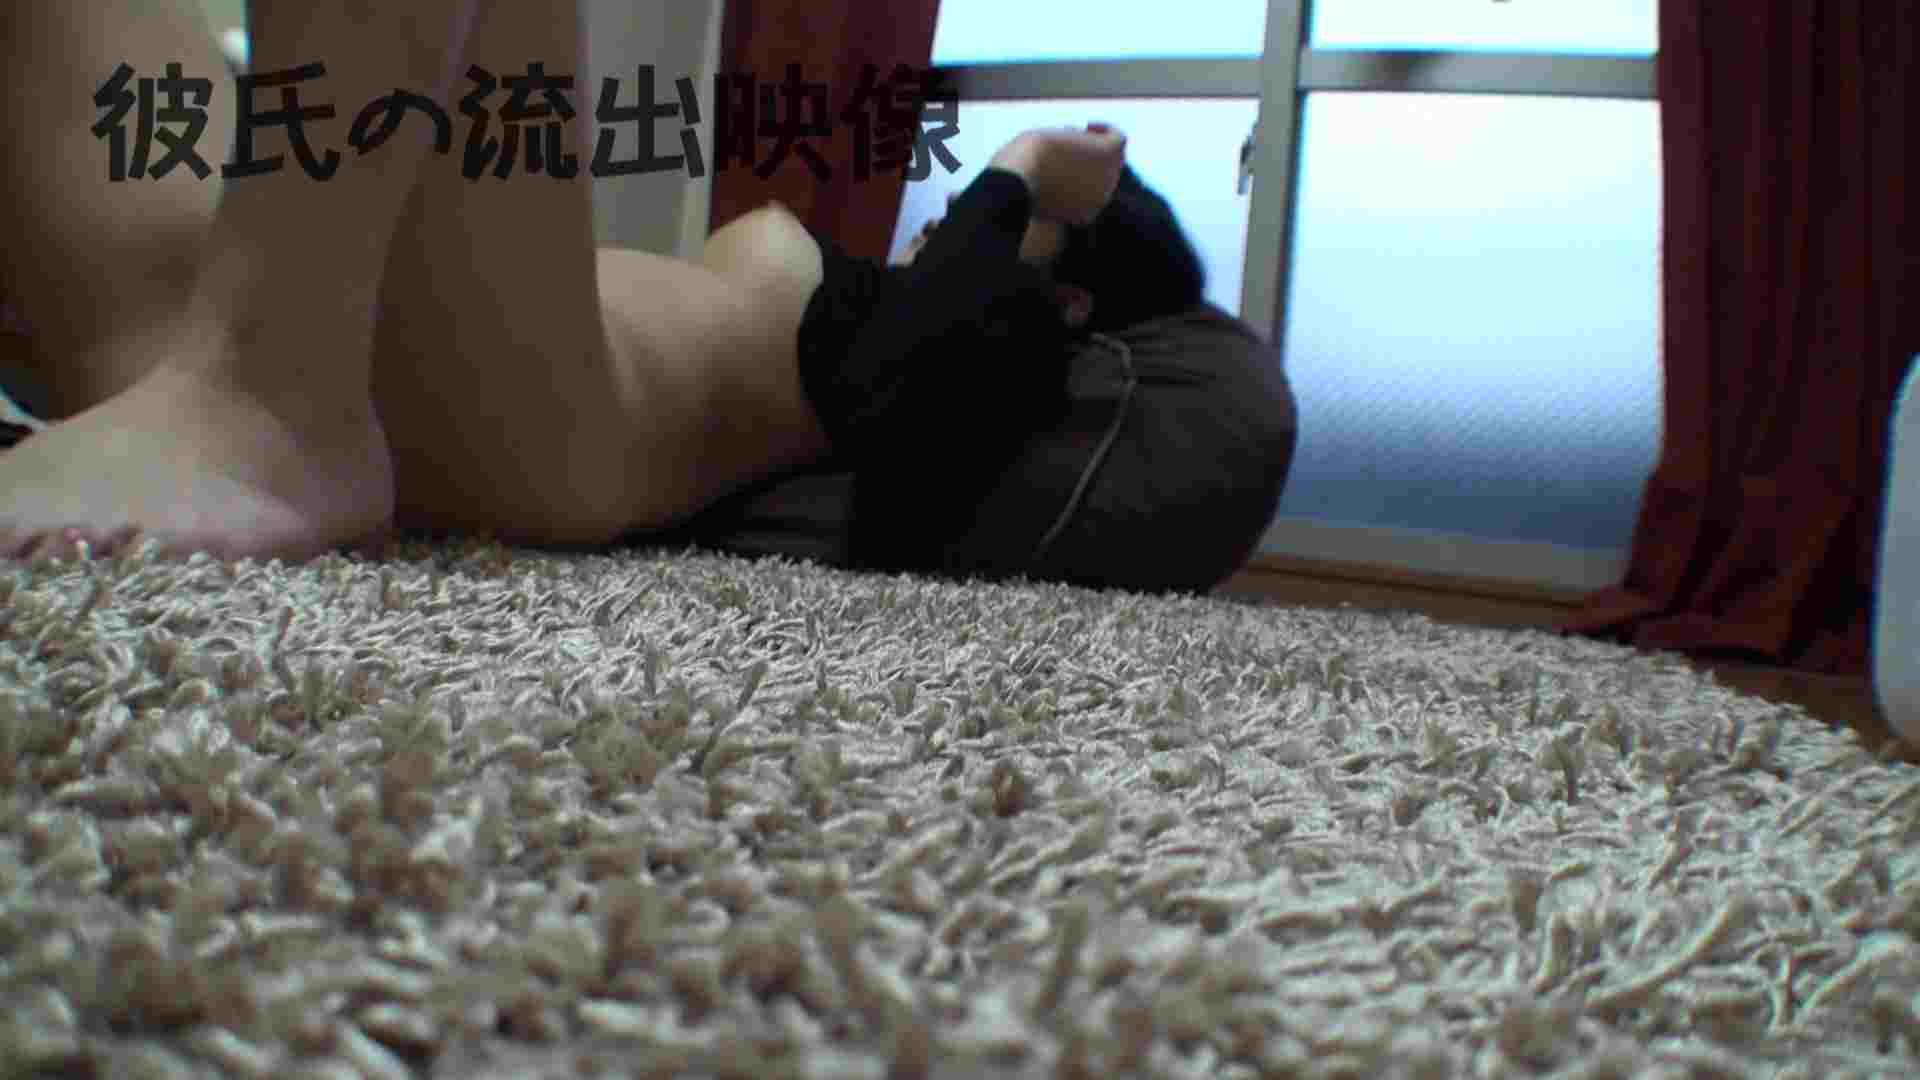 彼氏が流出 パイパン素人嬢のハメ撮り映像04 一般投稿  82連発 79